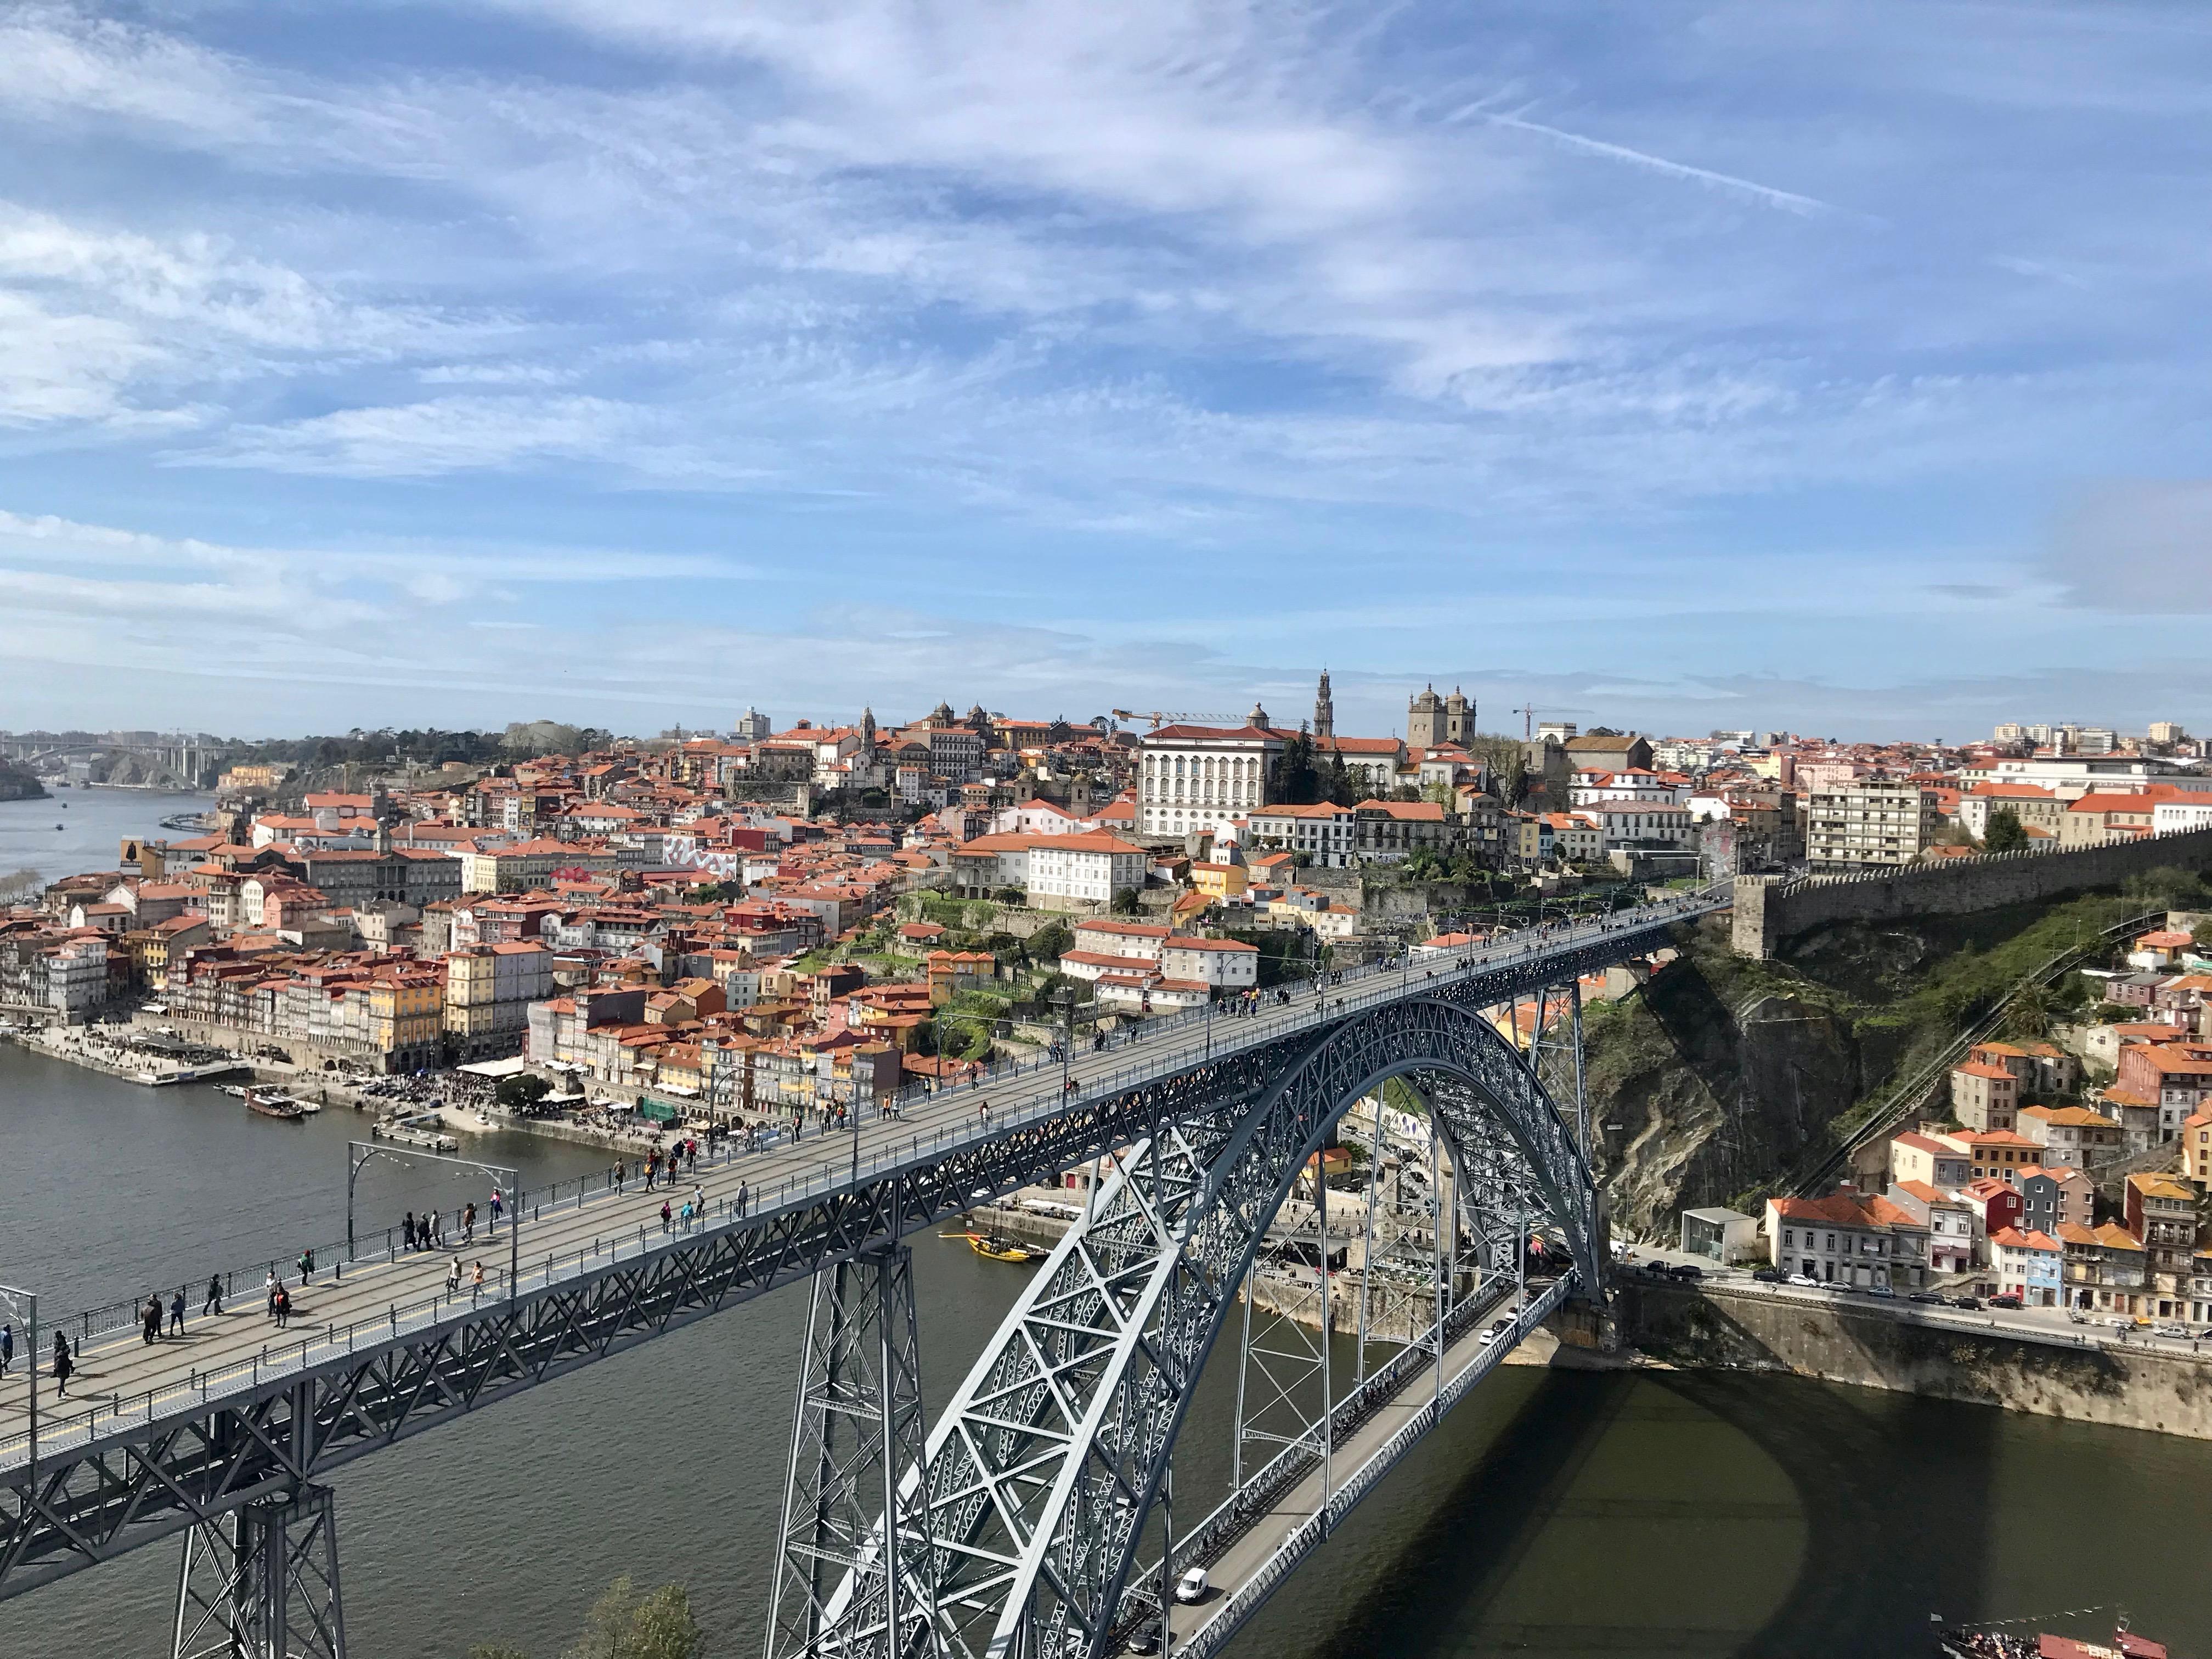 【ポルト旅行ブログ】ポルトとお土産選び!ポルトガル旅行#2